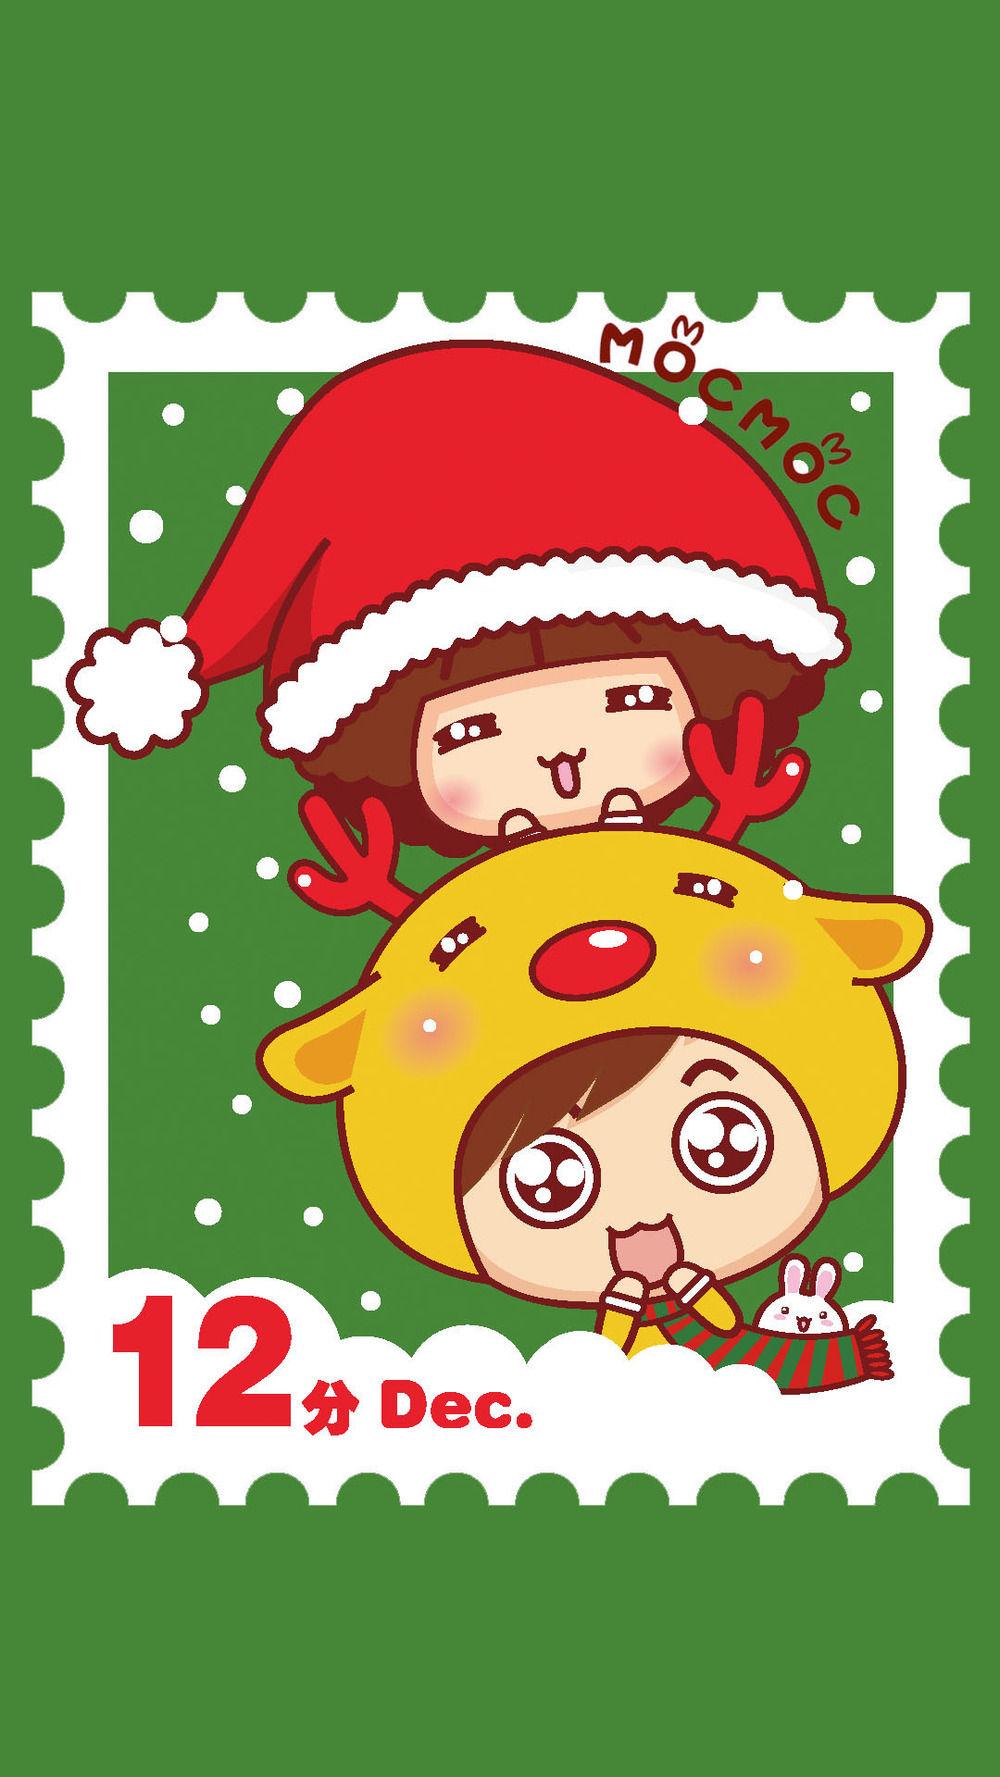 摩丝摩丝圣诞邮票.jpg